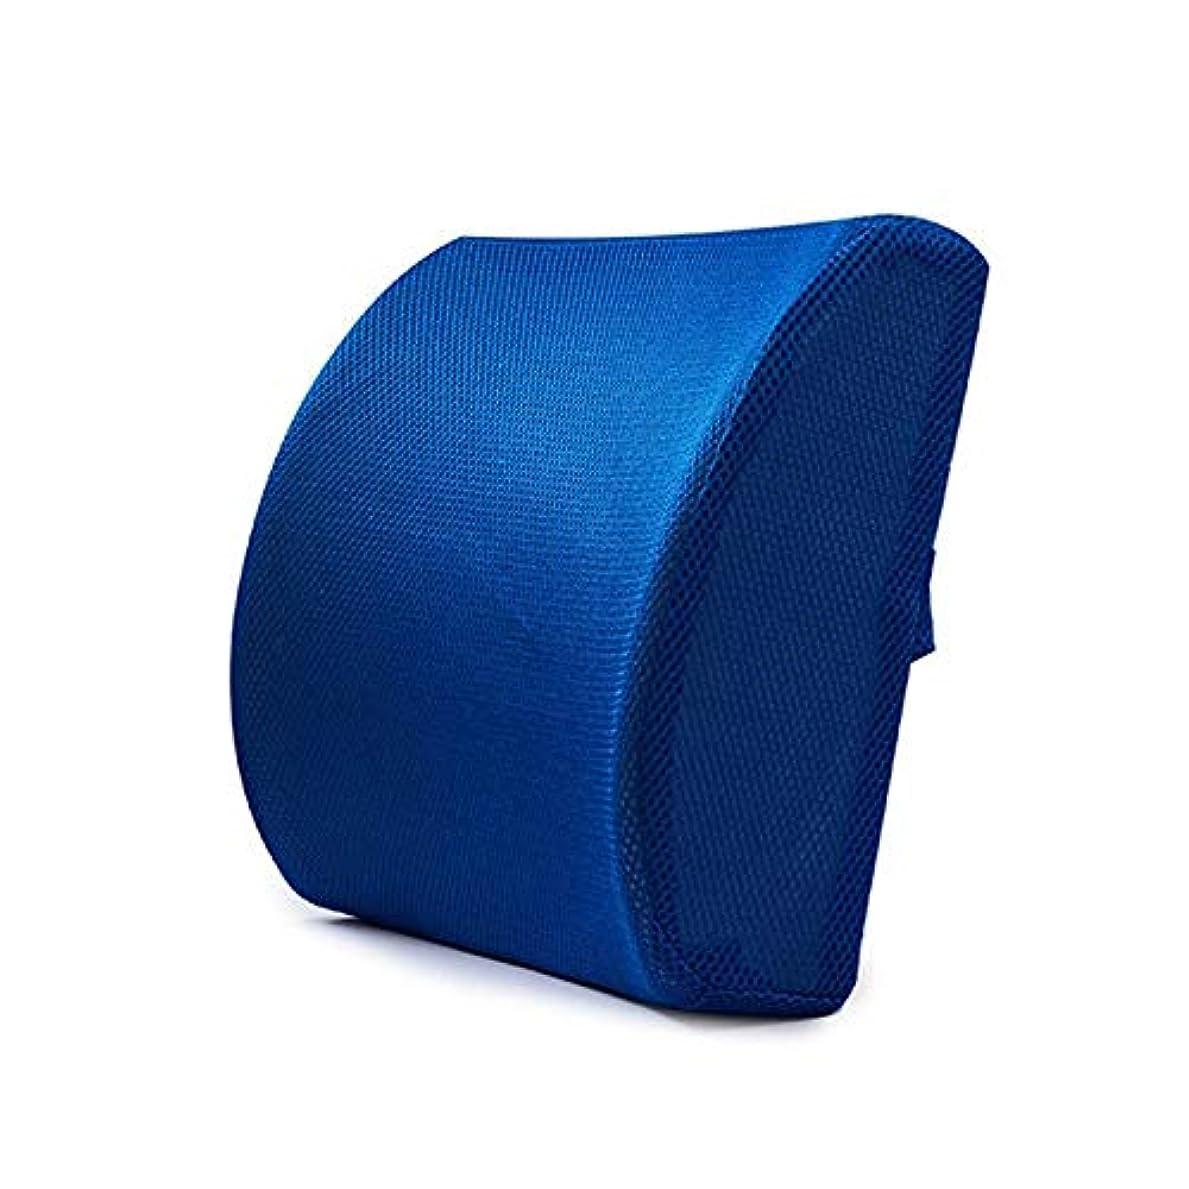 ダイヤモンド舗装手伝うLIFE ホームオフィス背もたれ椅子腰椎クッションカーシートネック枕 3D 低反発サポートバックマッサージウエストレスリビング枕 クッション 椅子